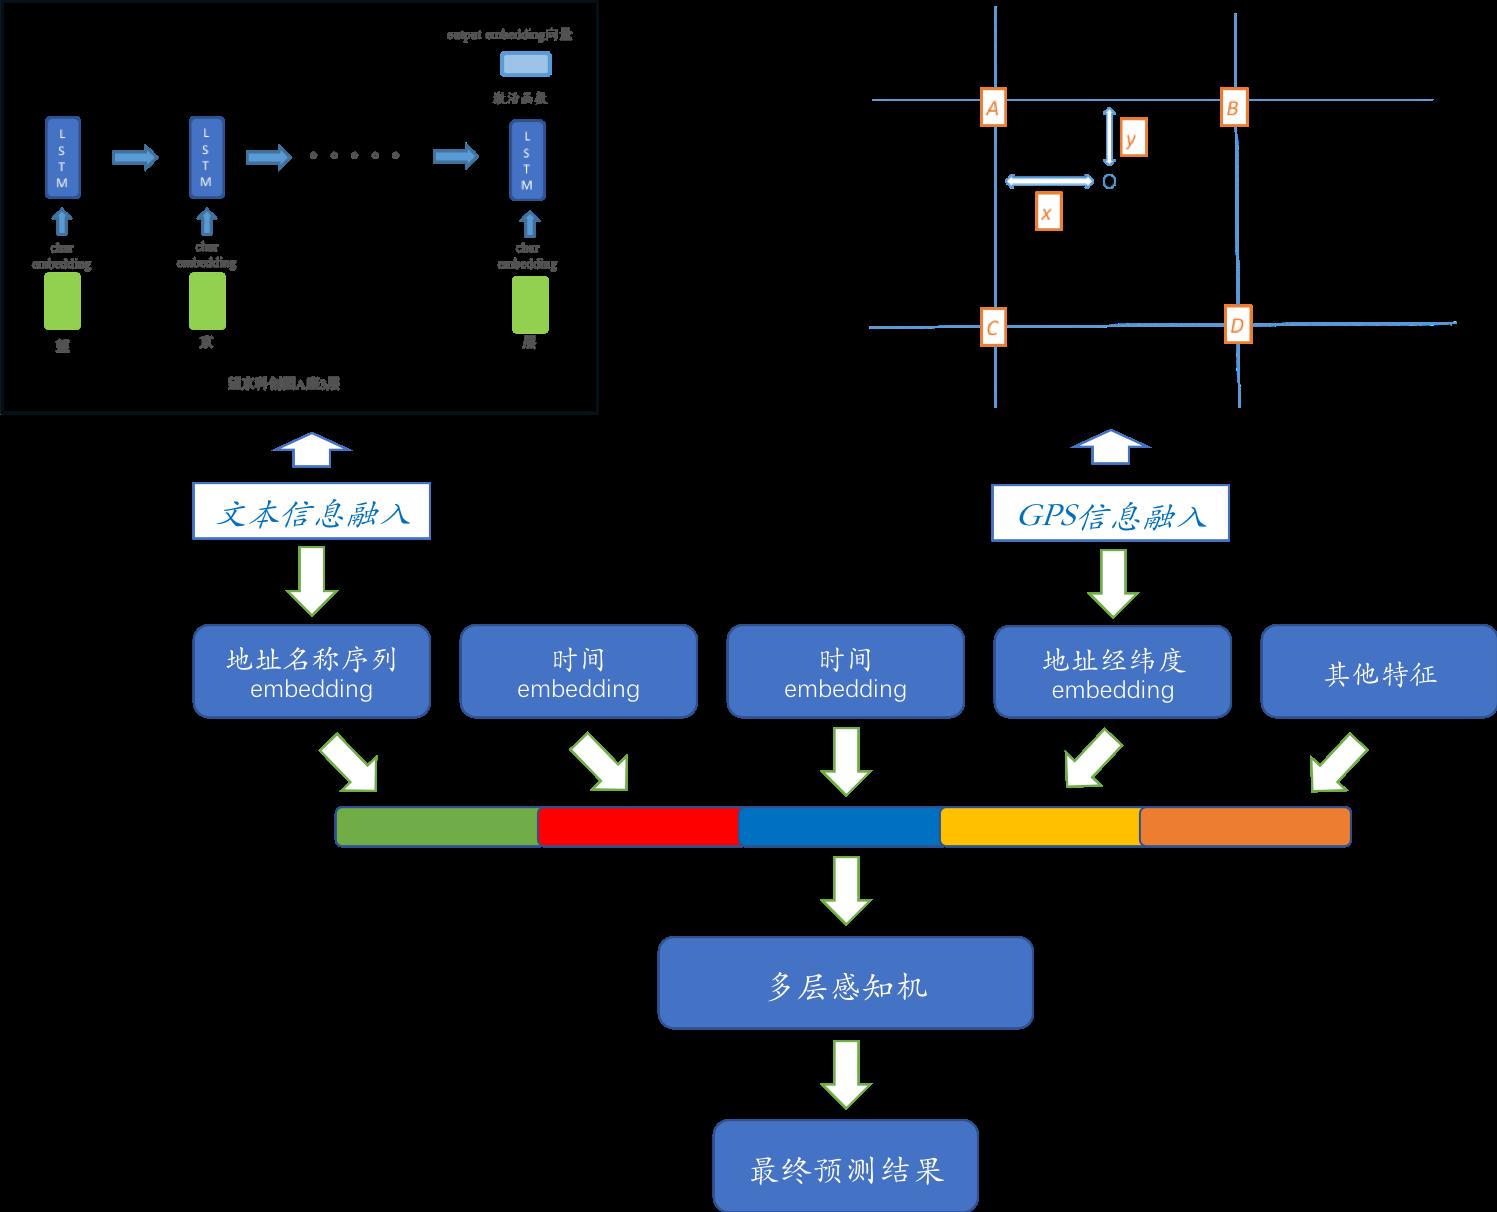 模型结构示意图